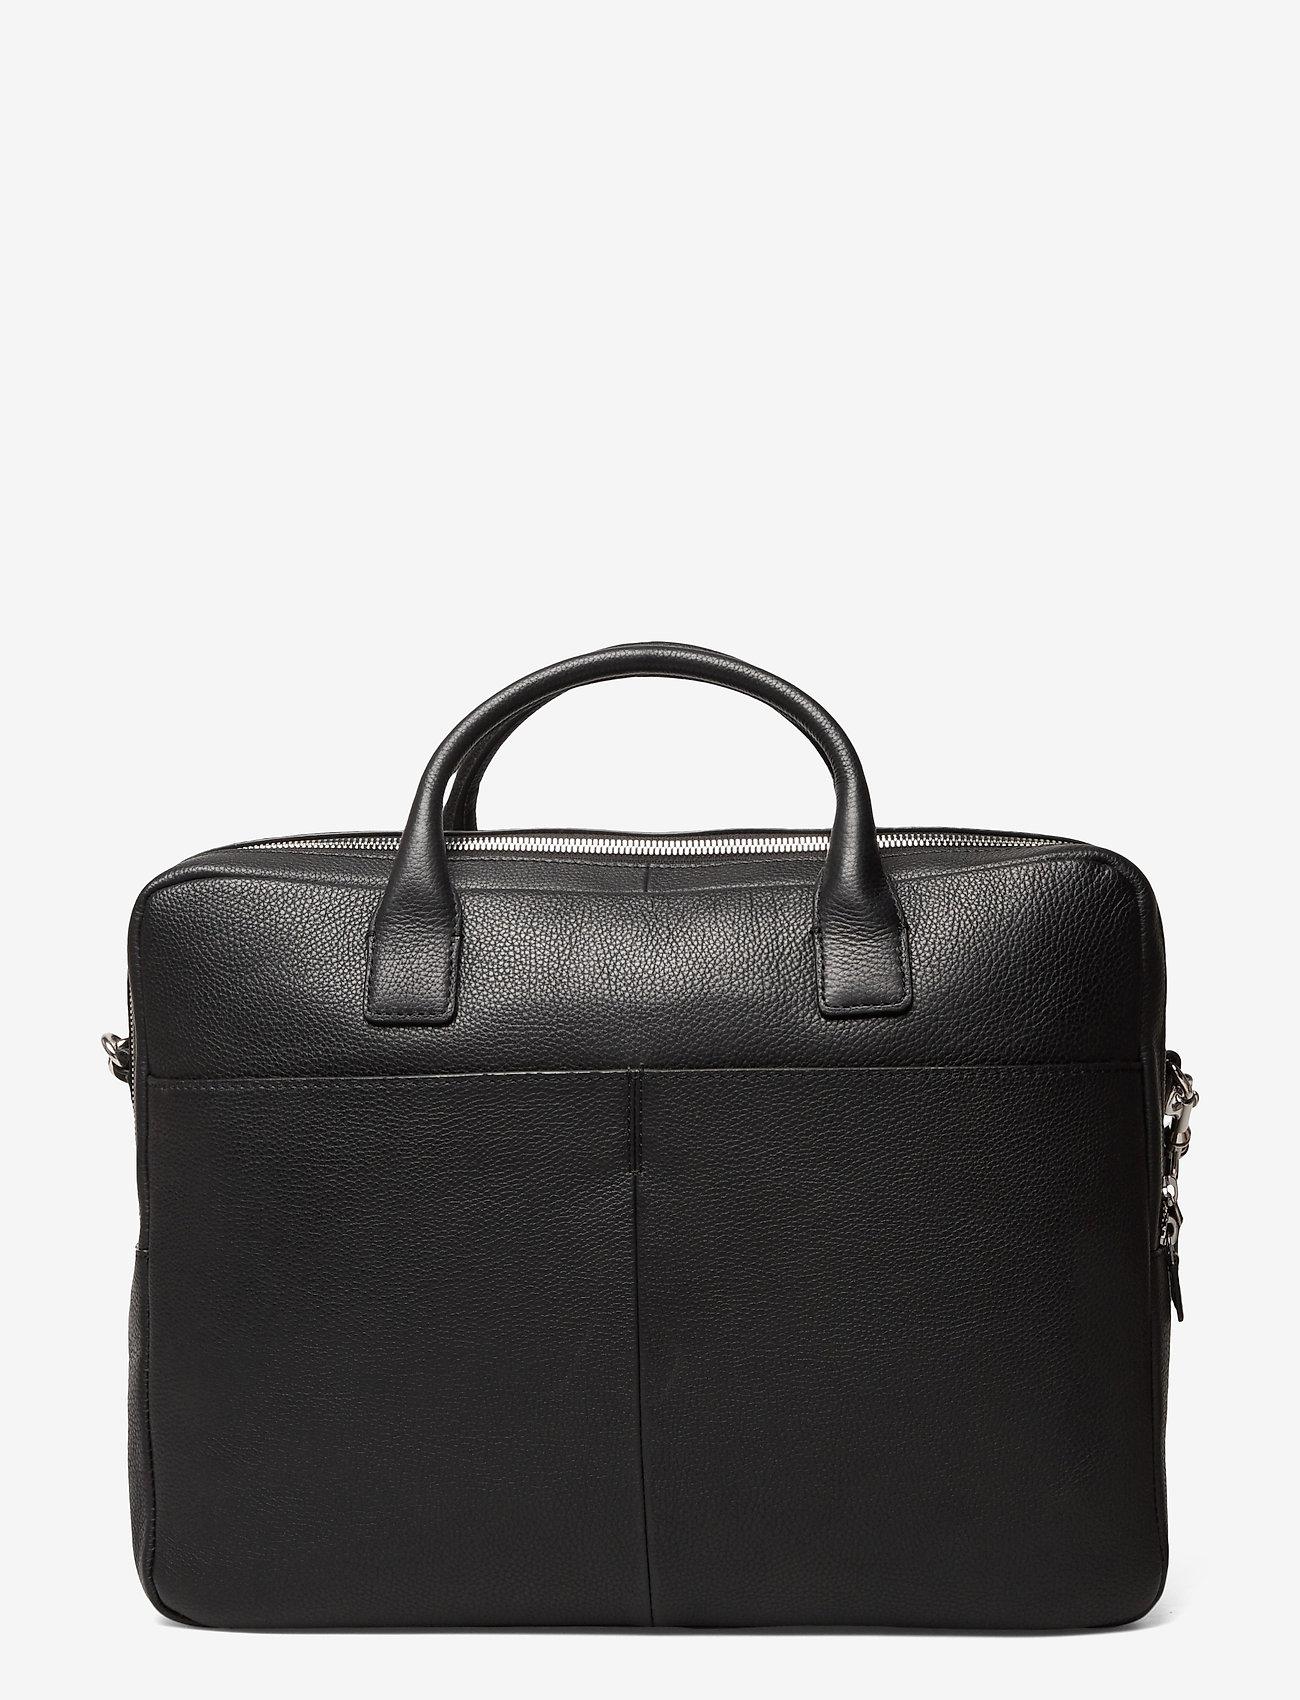 Tiger of Sweden - BERIDARE - briefcases - black - 1